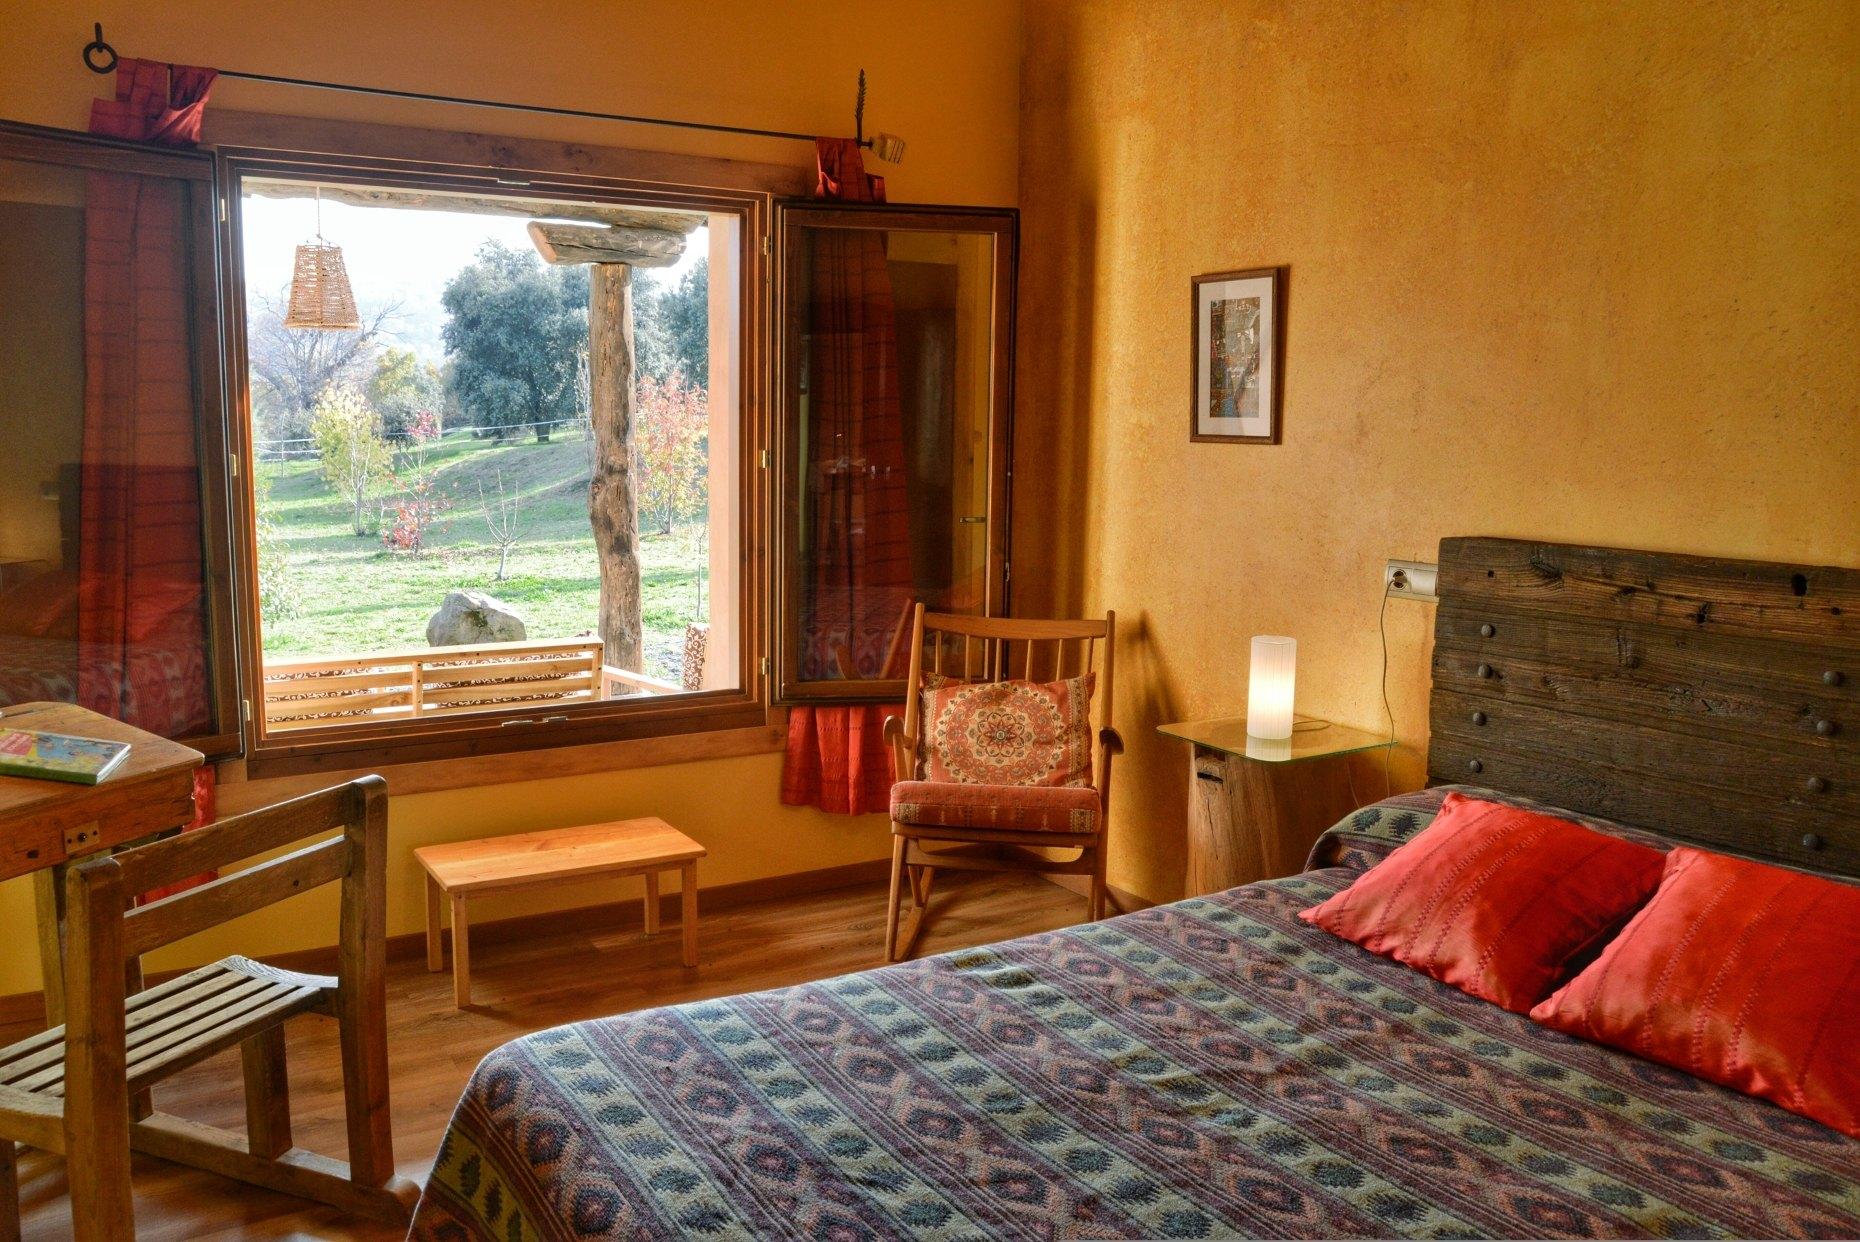 Casa rural El Encanto - El Mayulon - Habitacion dormitorio amarilla con vistas a El Bierzo